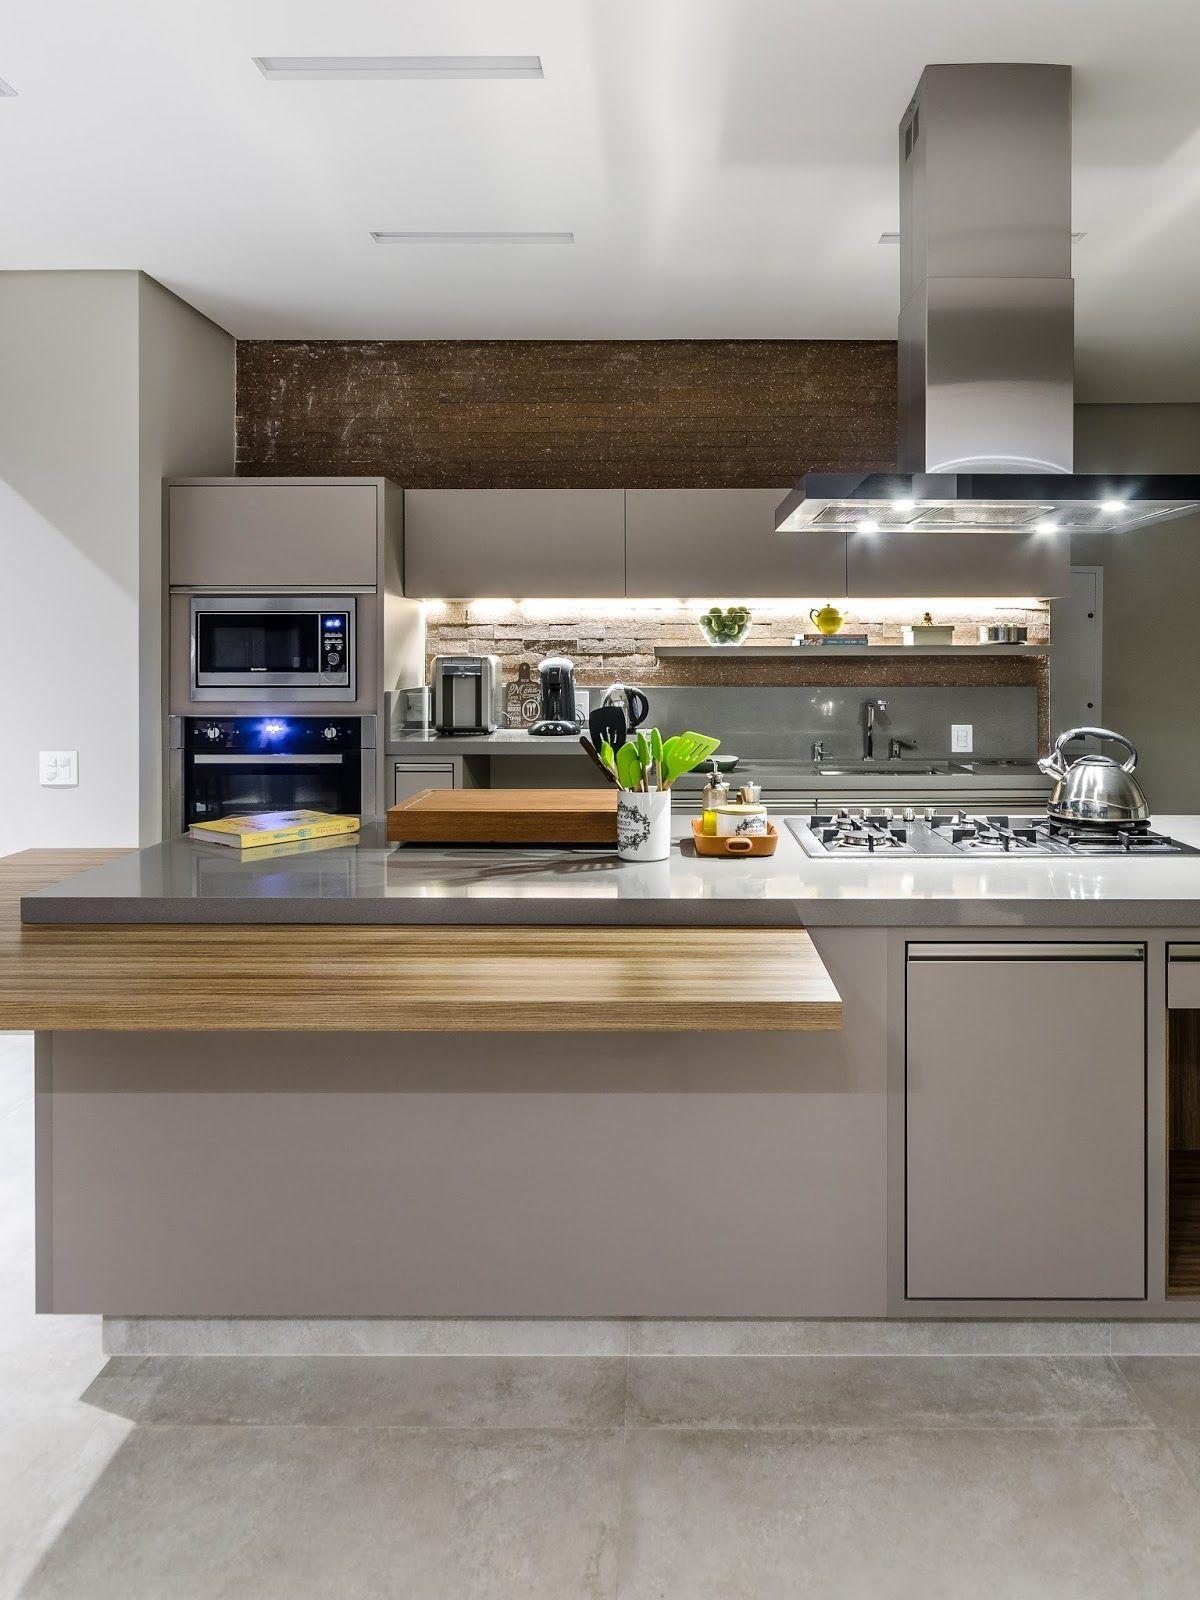 Cozinha Gourmet 60 Modelos Com Fotos E Projetos Cozinha